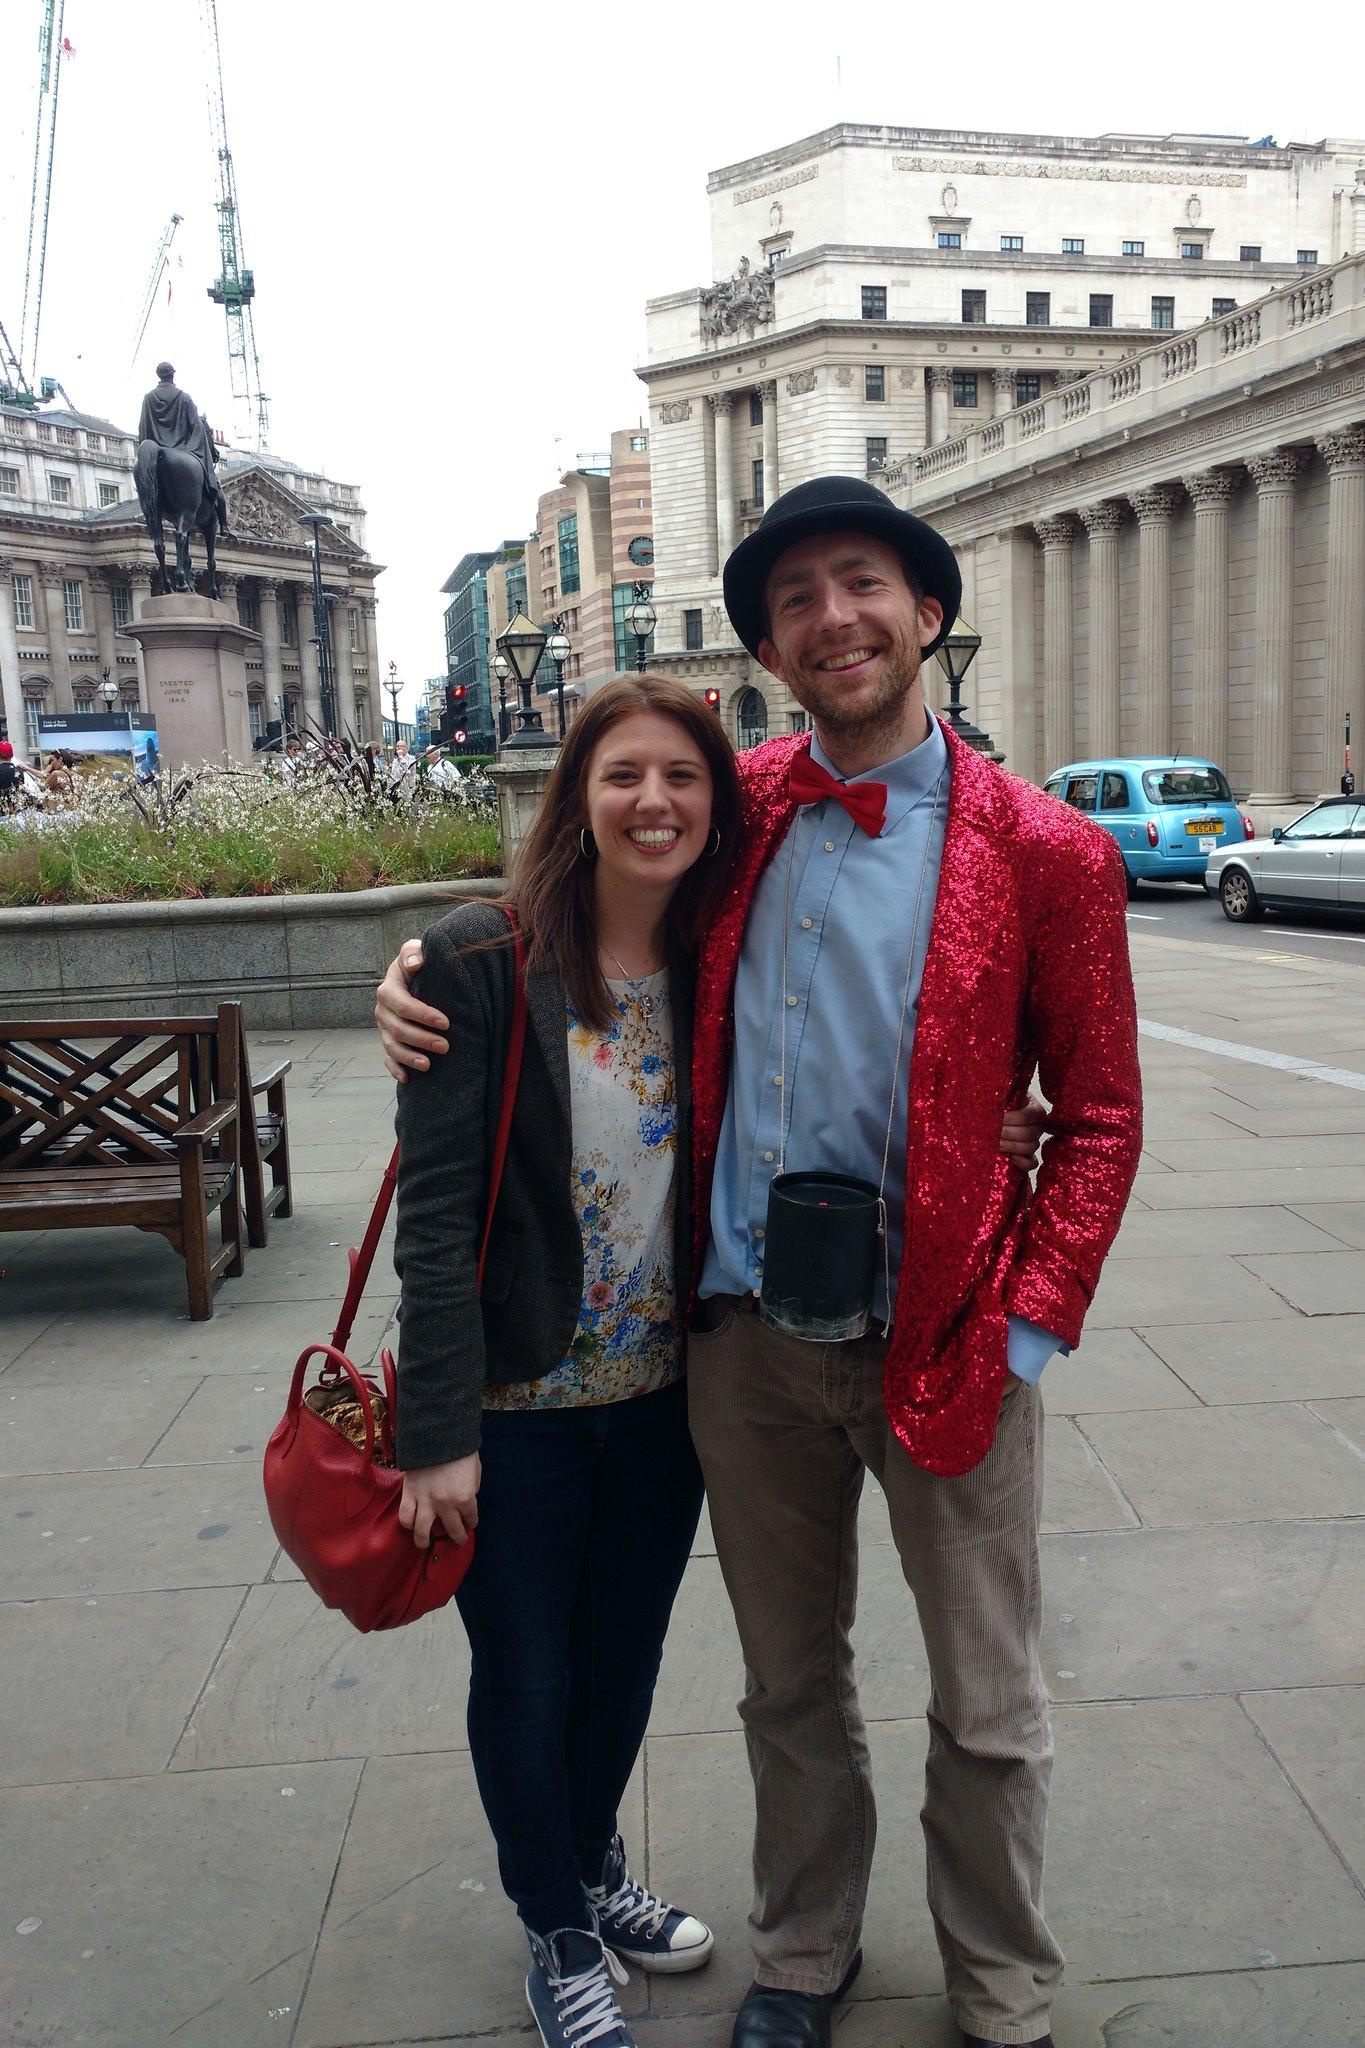 Emma and Reuben from Bullshit London